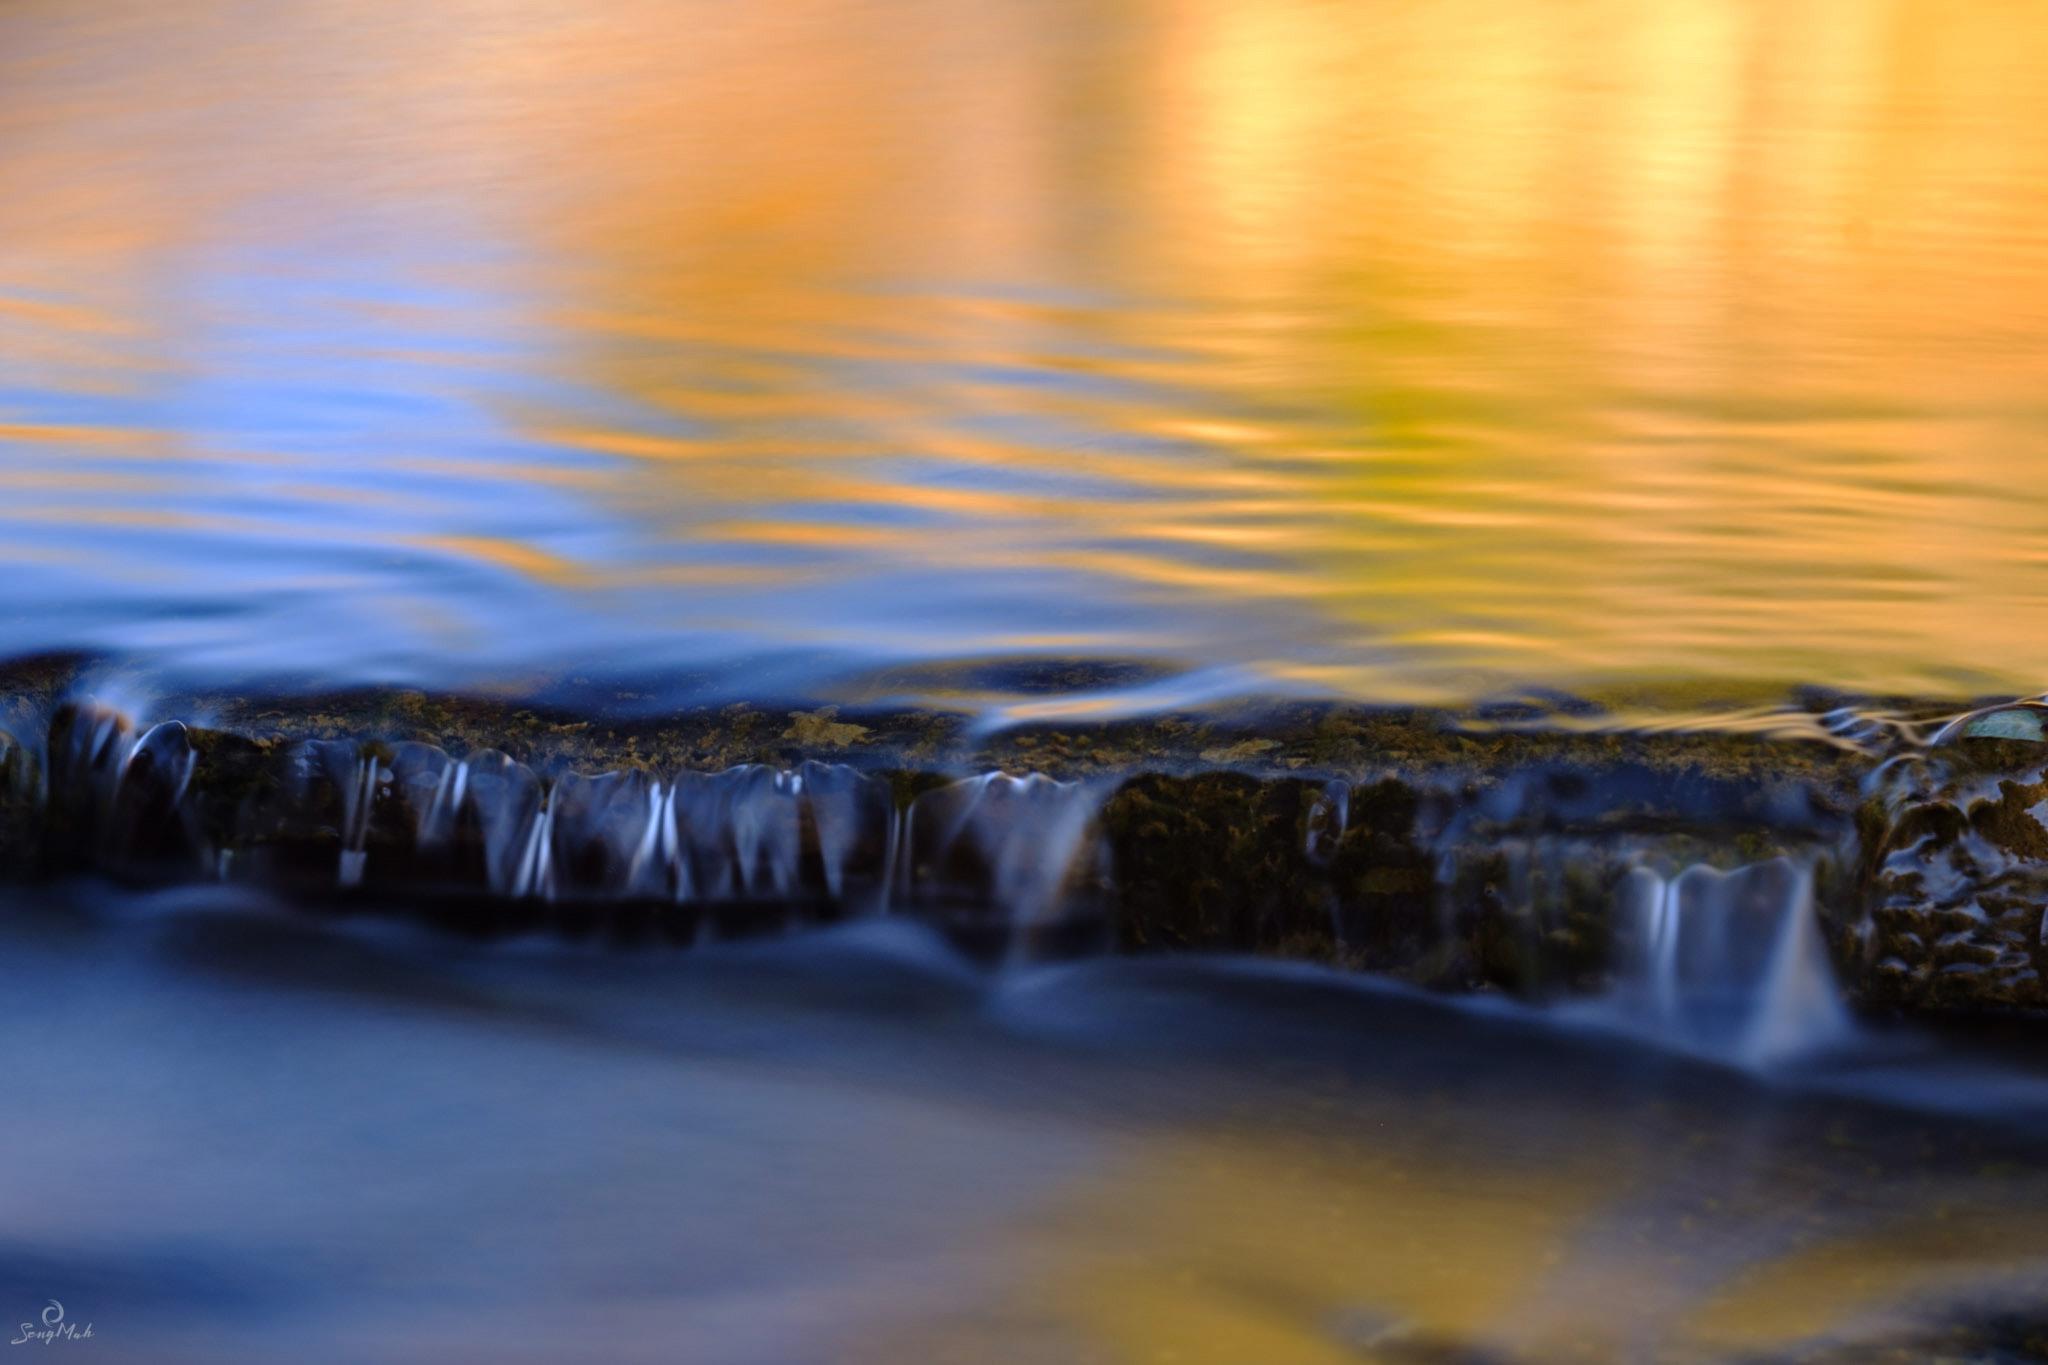 Kalamina Gorge reflections